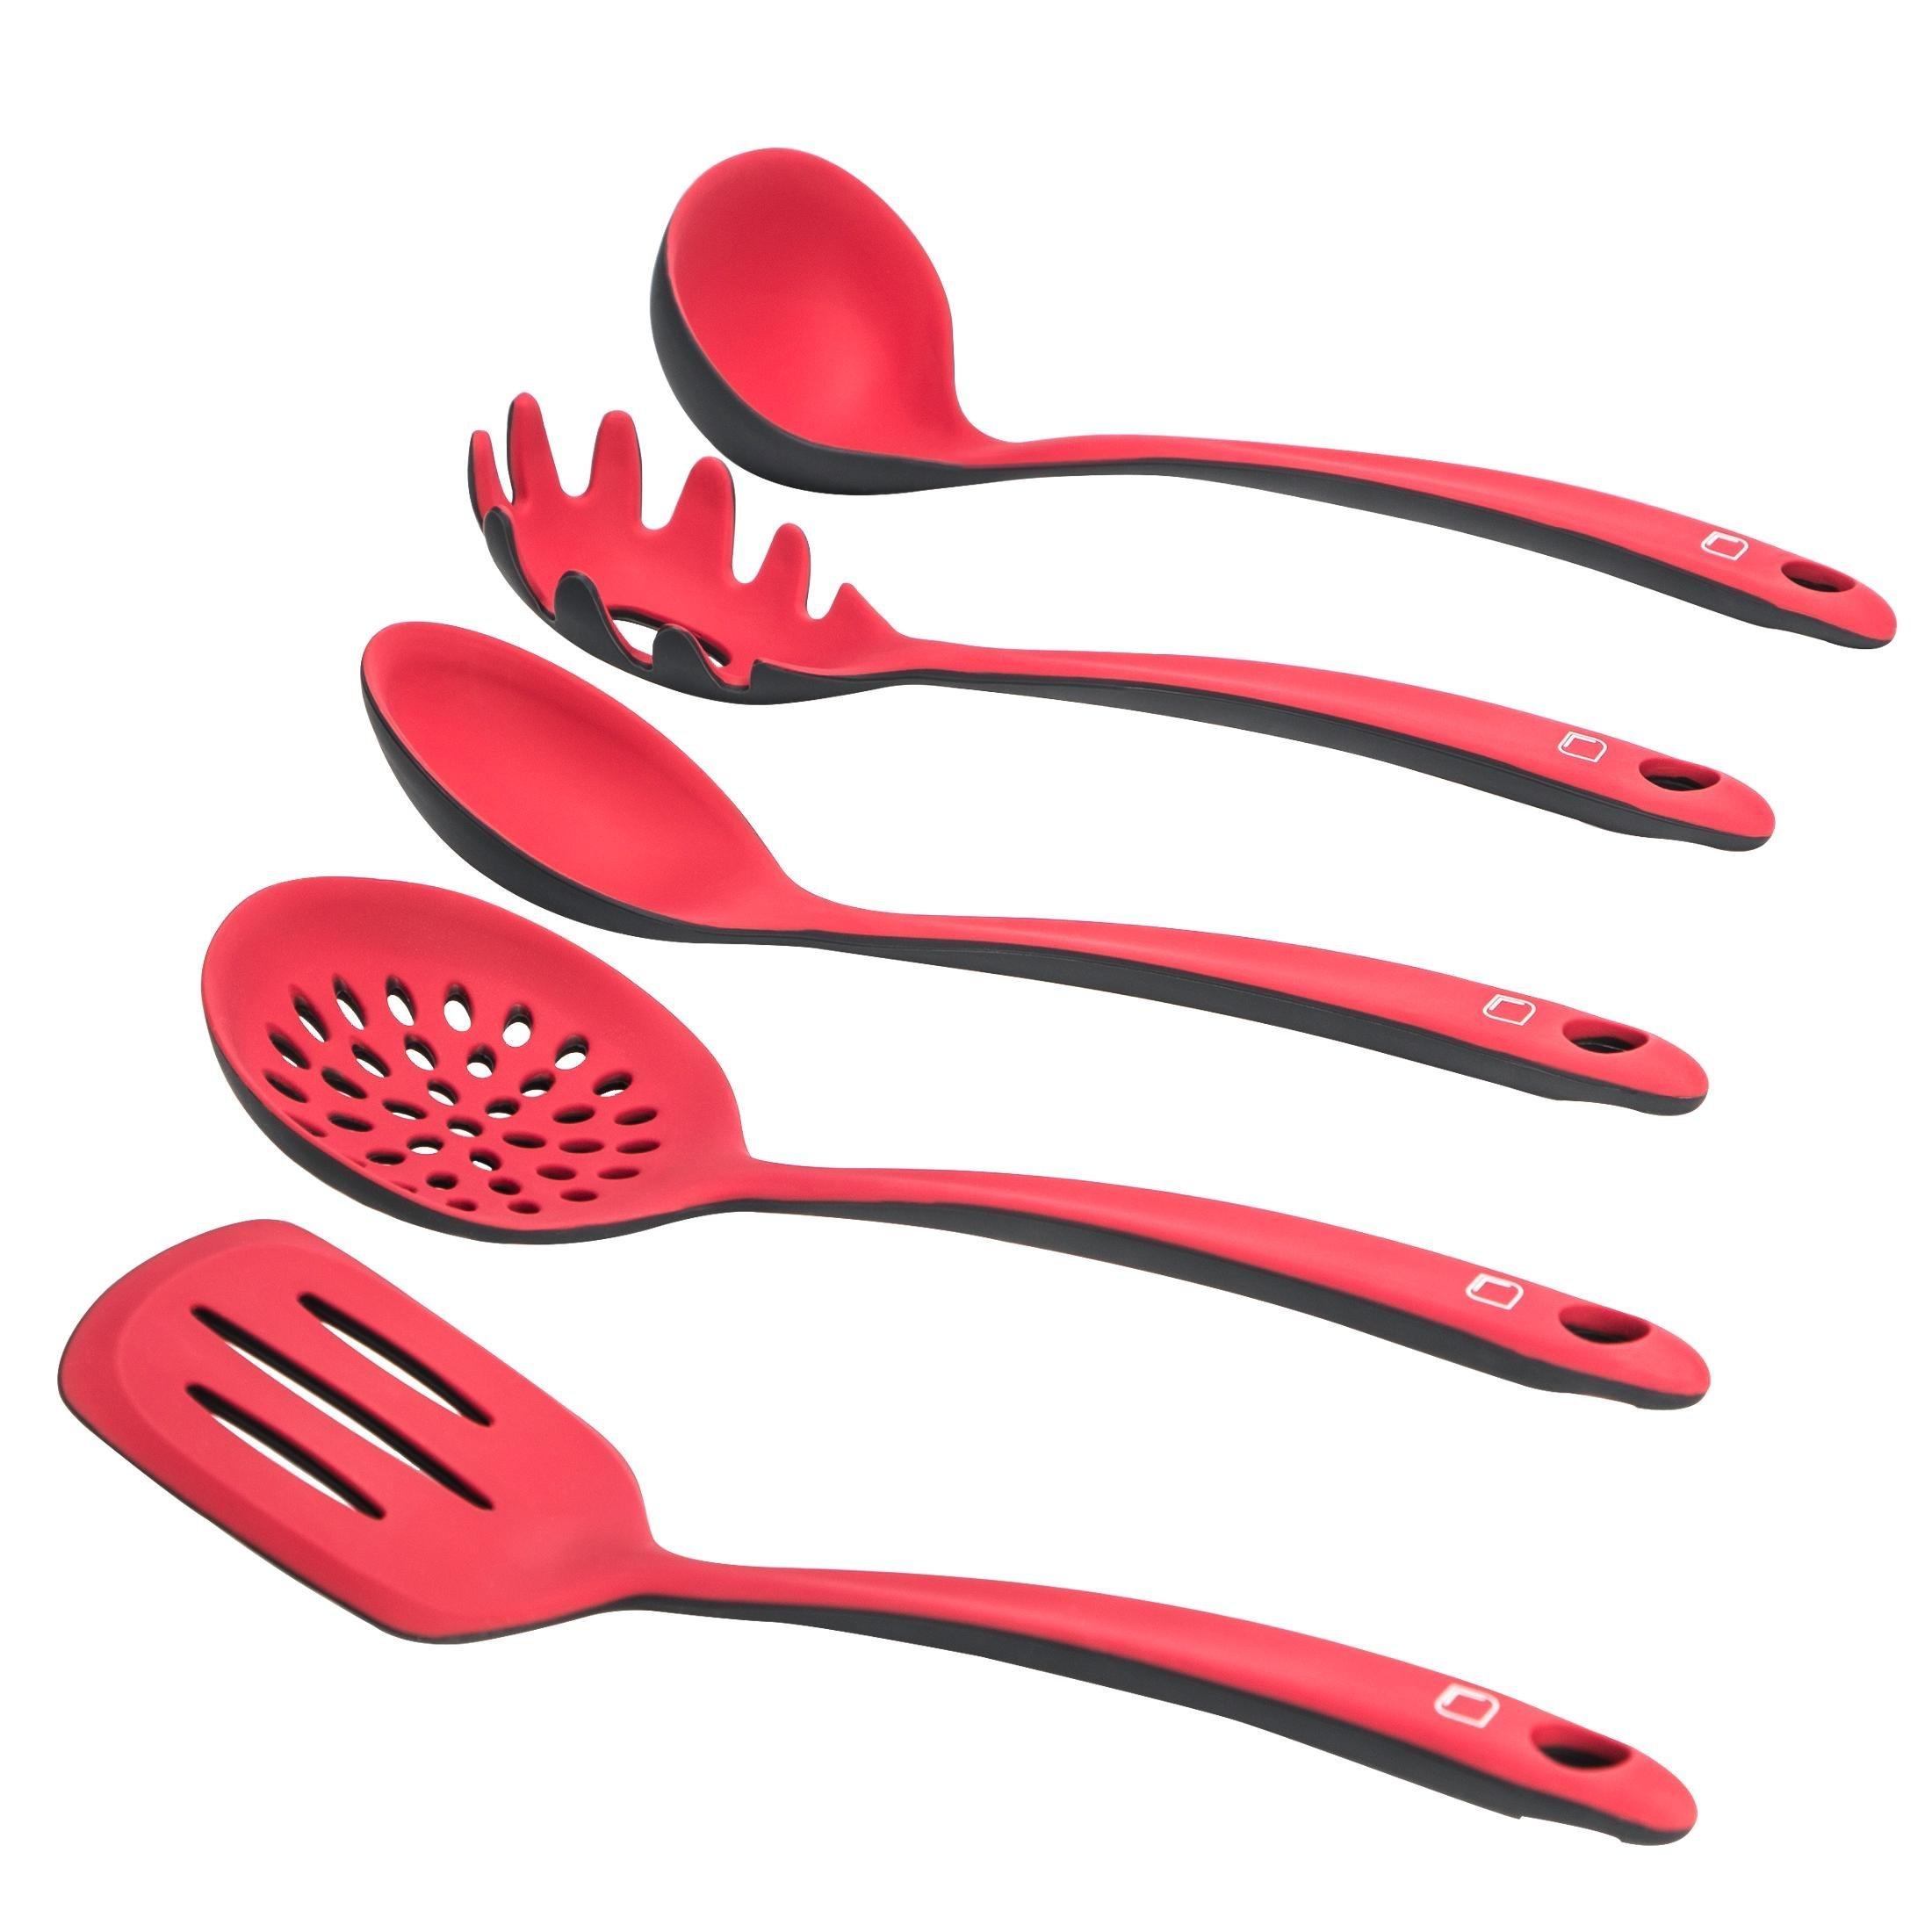 Compra levivo juego de utensilios de cocina de silicona for Juego de utensilios de cocina